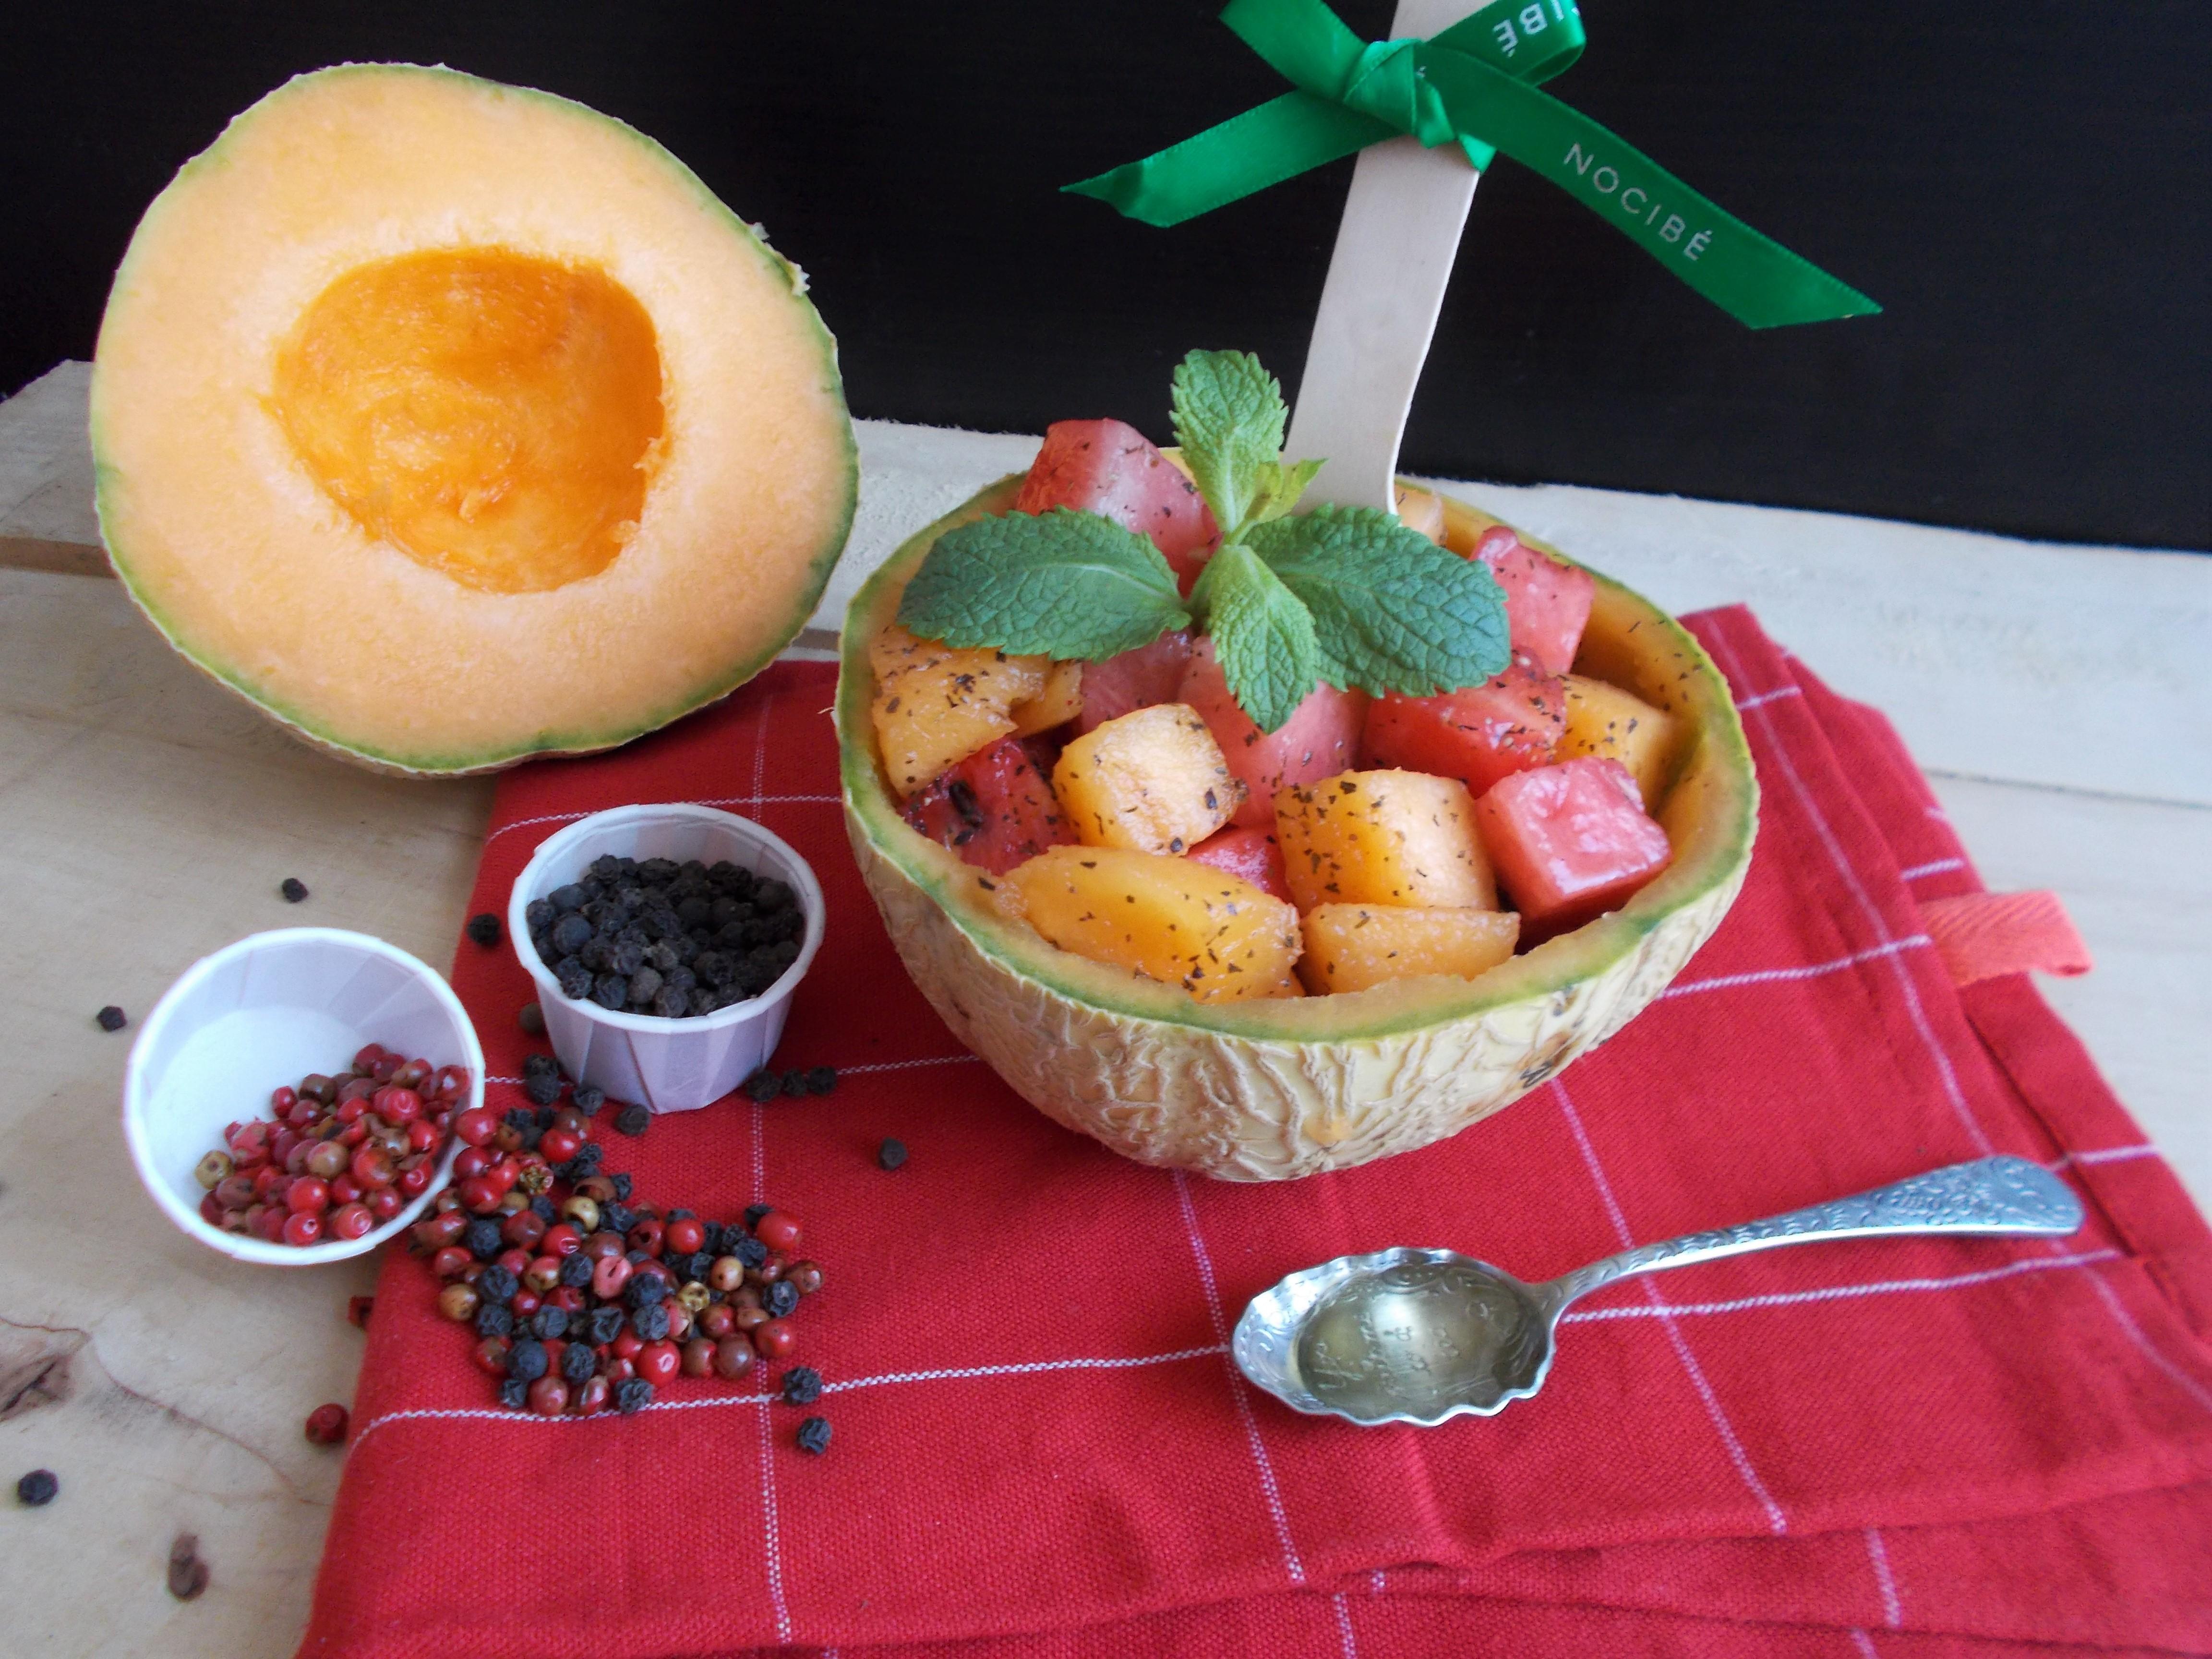 pepones et melones : salade de melon et pastèque selon apicius (tout